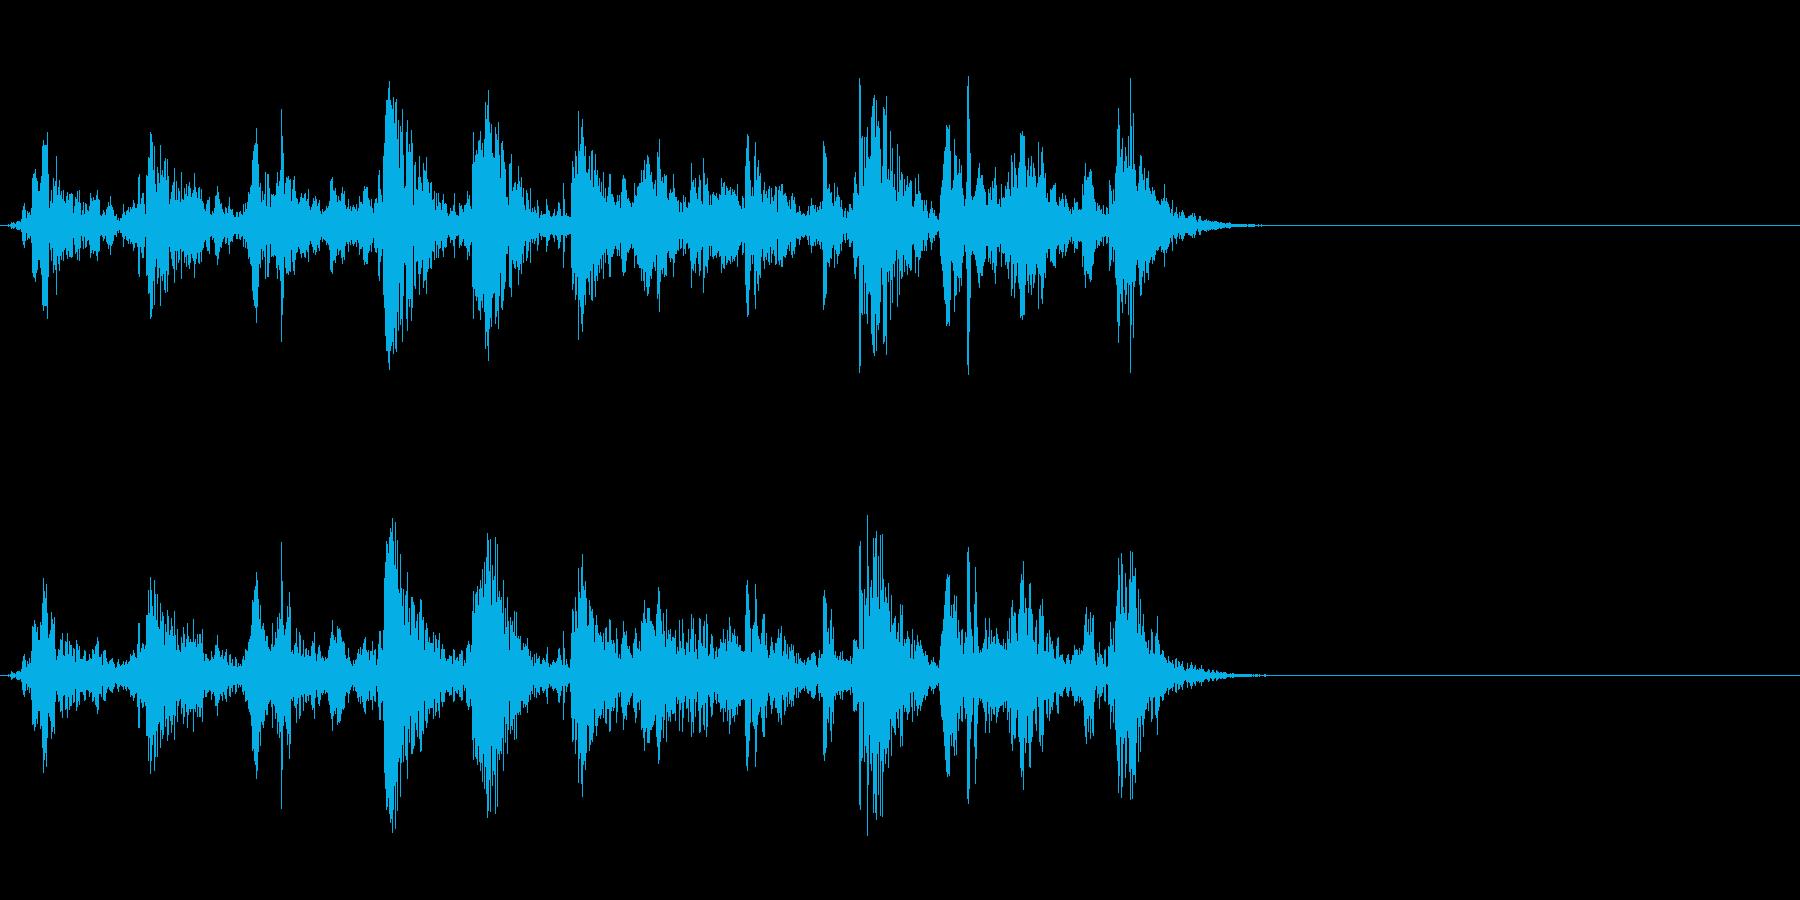 ブクブク!泡や水など特有の効果音!01Cの再生済みの波形